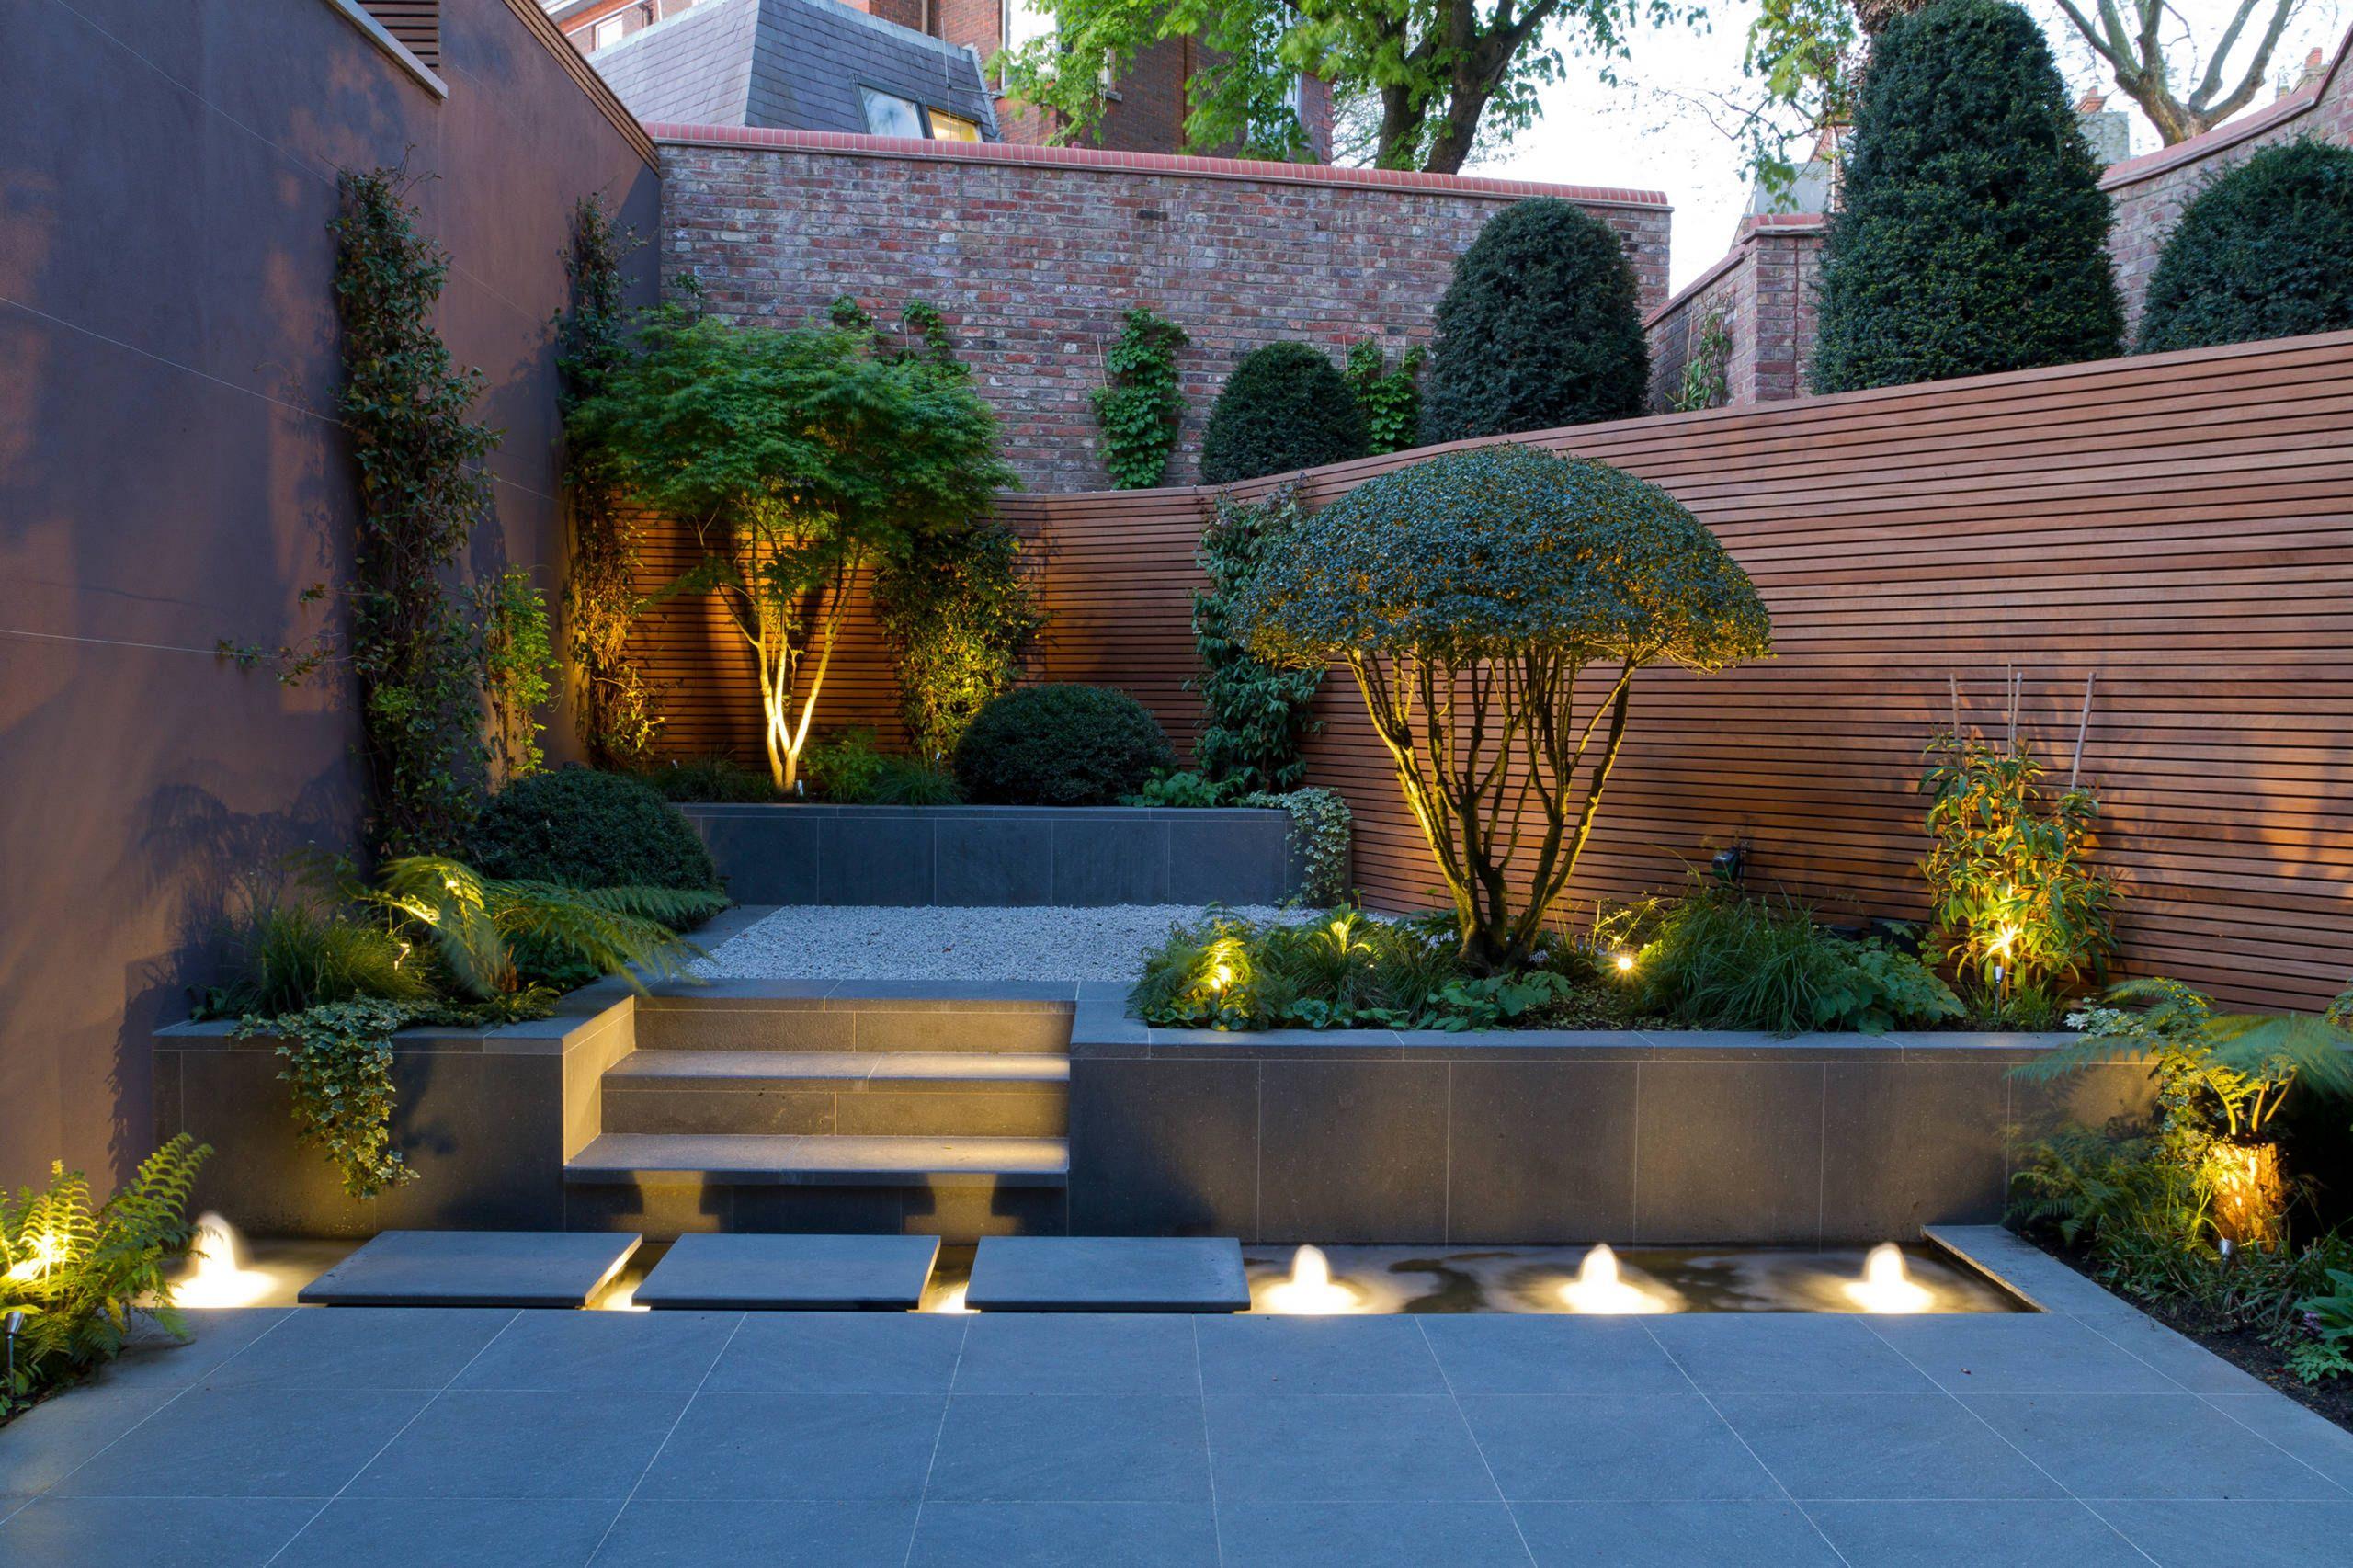 Интересное решение углового сада в современном видении